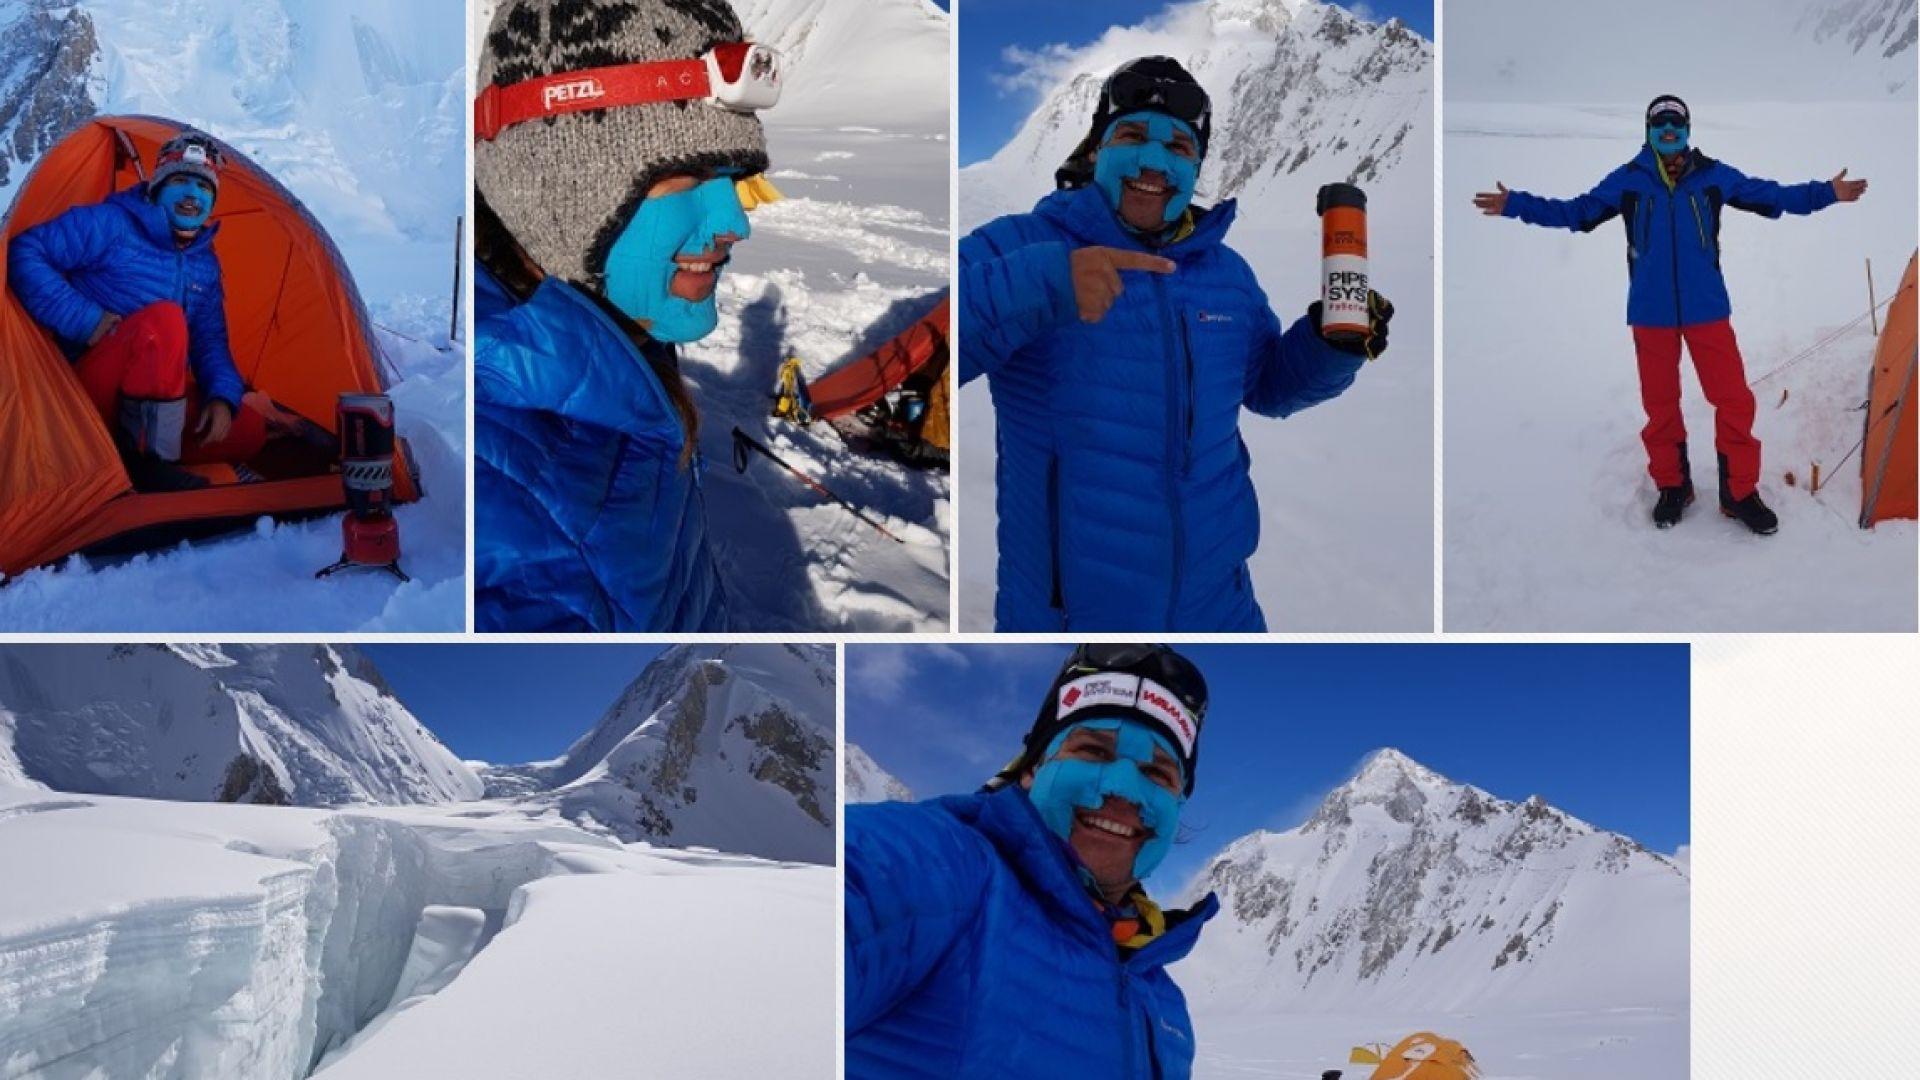 Алпинистът Скатов за изкачването на Гашербрум: Губихме посоката, падна мъгла, изви се буря